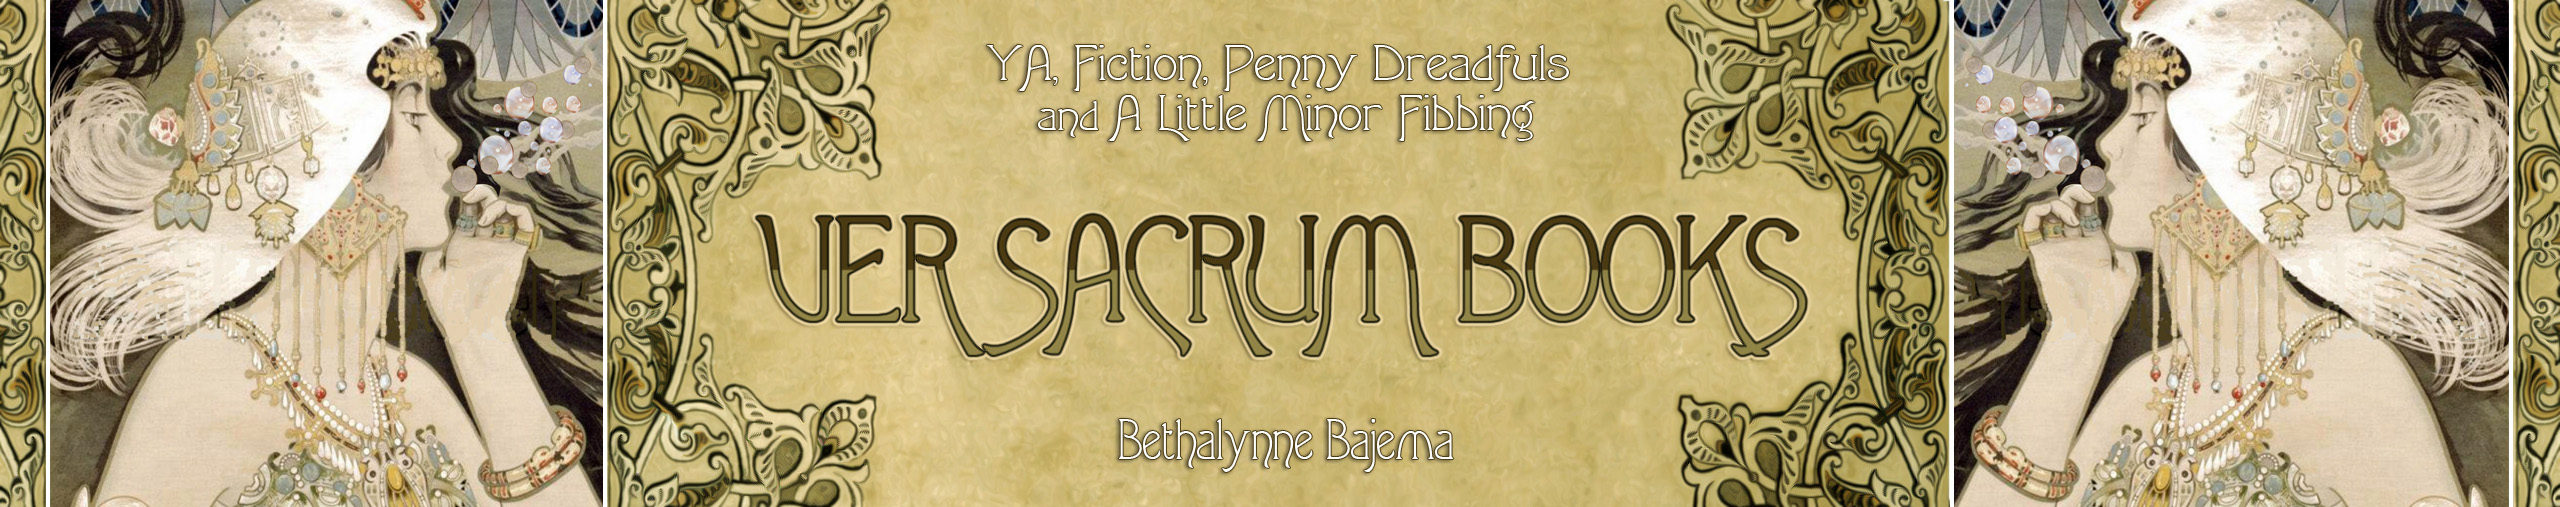 Ver Sacrum Books